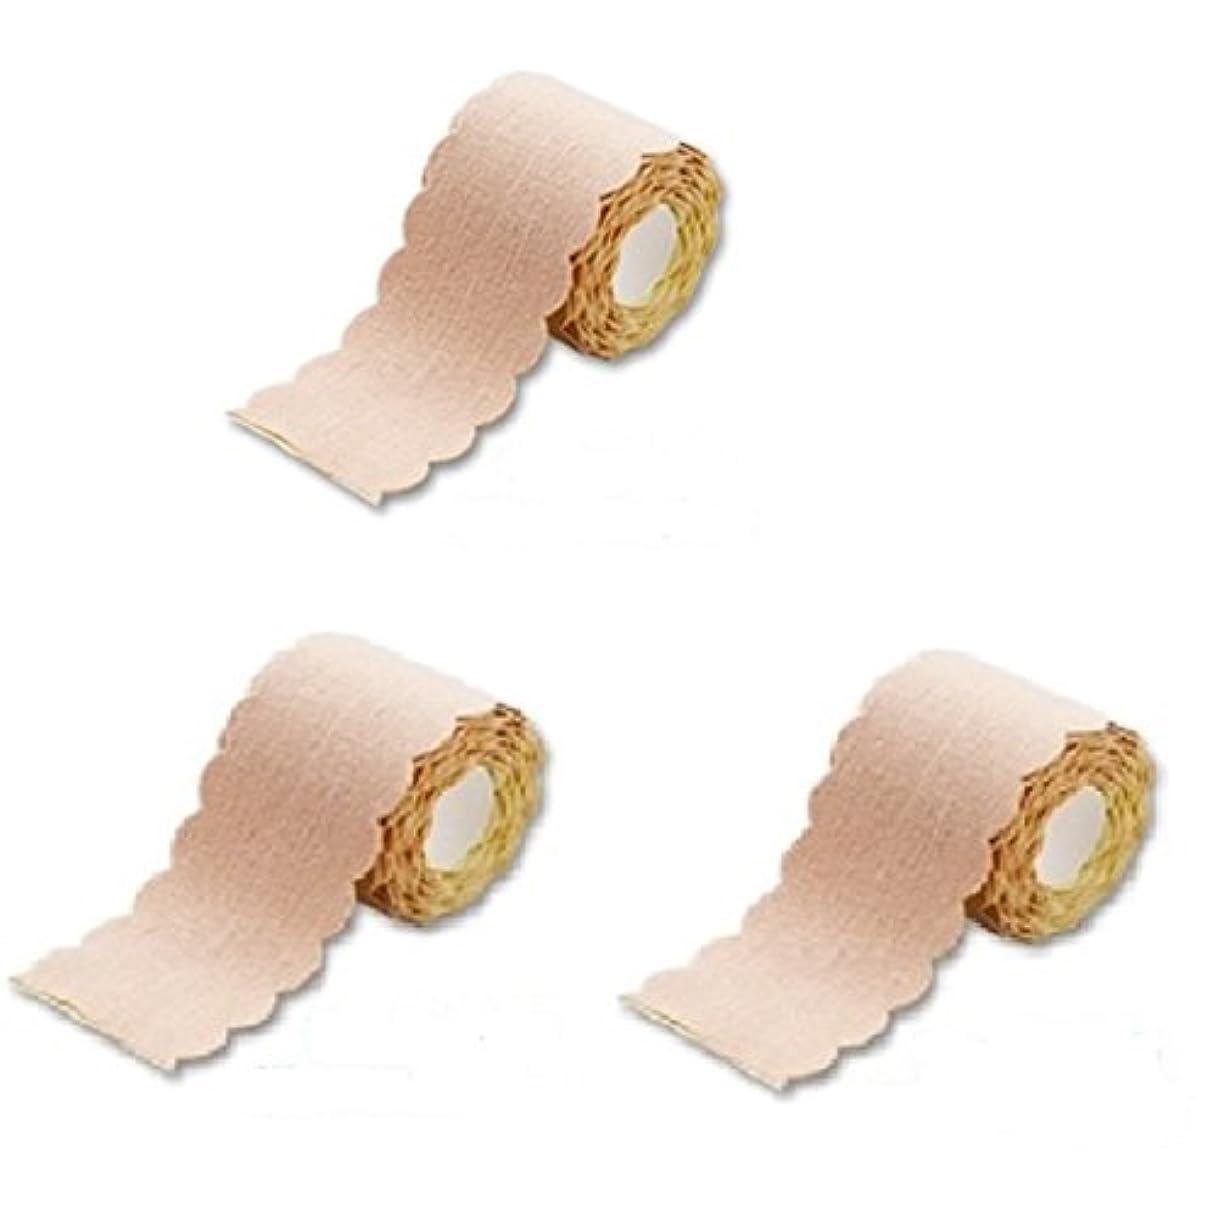 小包ラテン韓国語直接貼るからズレない汗シート! 汗取りパッド ワキに直接貼る汗とりシート ロールタイプ 3m×3個セット (たっぷり9m 特別お得セット)まとめ割 脇汗ジミ わき汗 対策